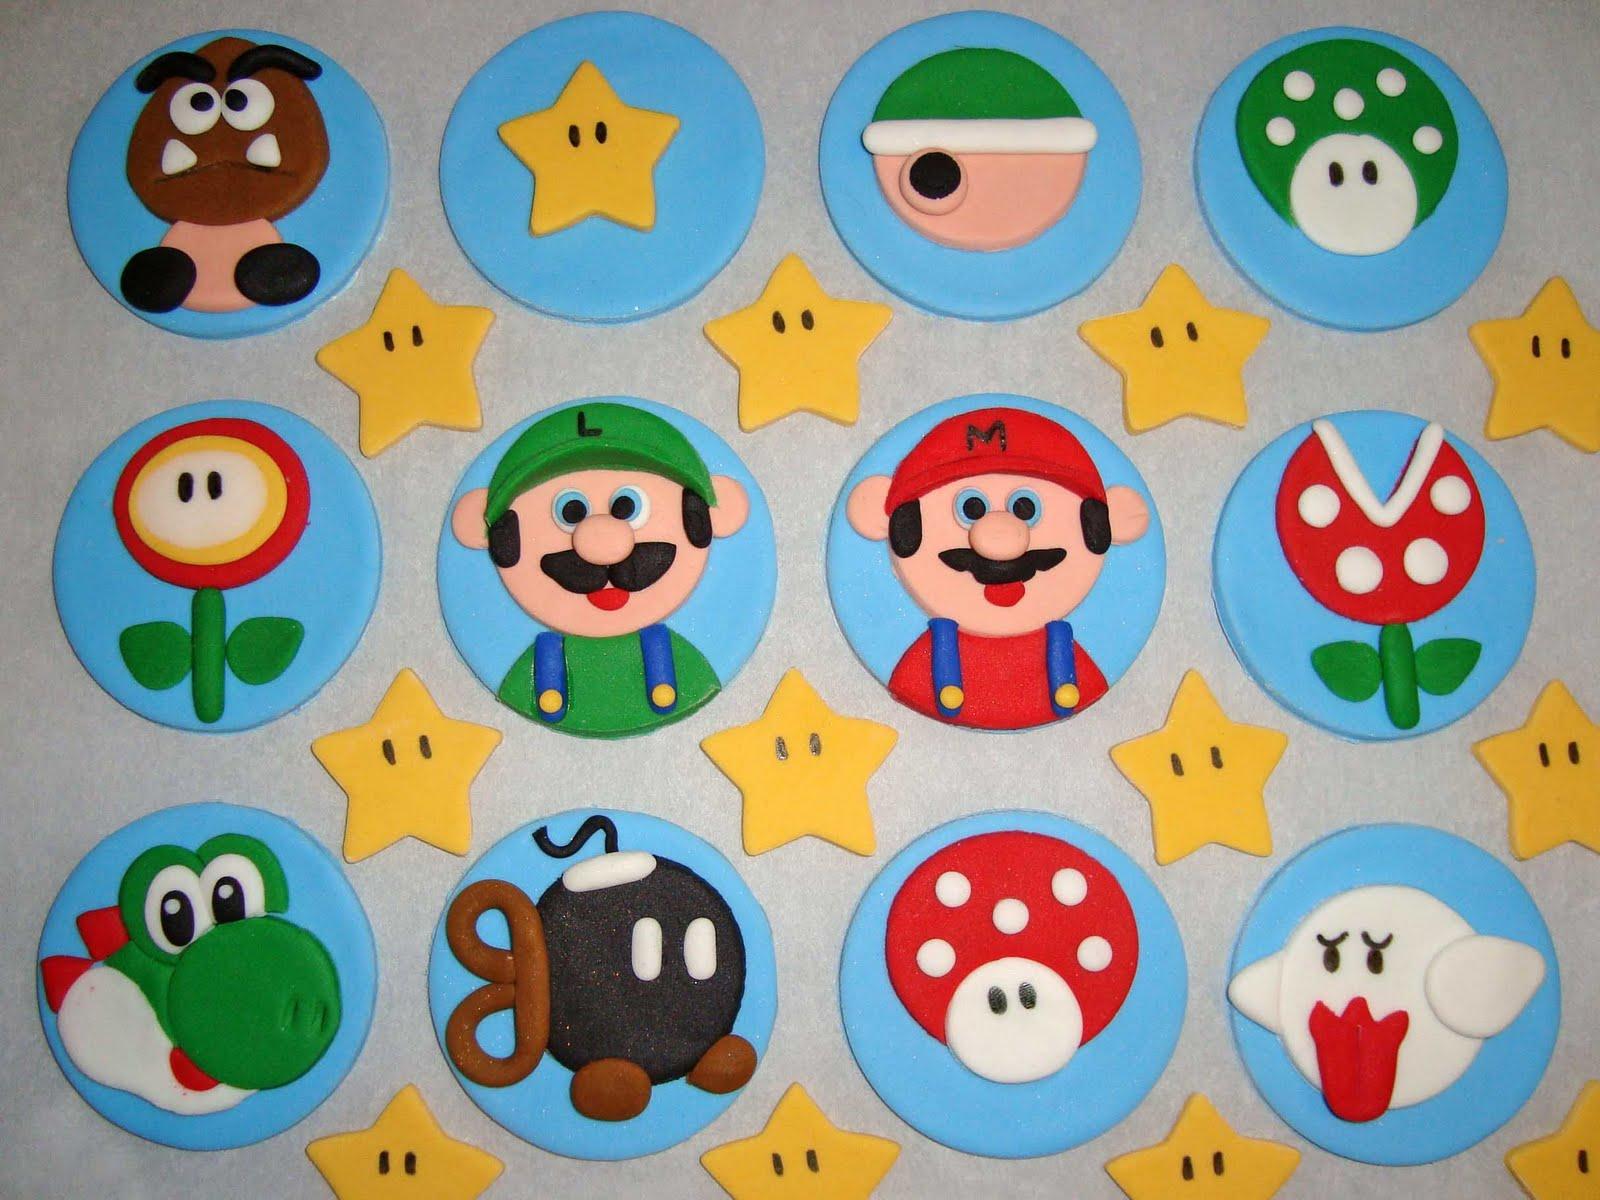 http://2.bp.blogspot.com/-yQlvPkcvUiI/TaIlU6mRSCI/AAAAAAAAAXI/o8caUIHXzv8/s1600/Super_Mario_Cupcakes_1.jpg